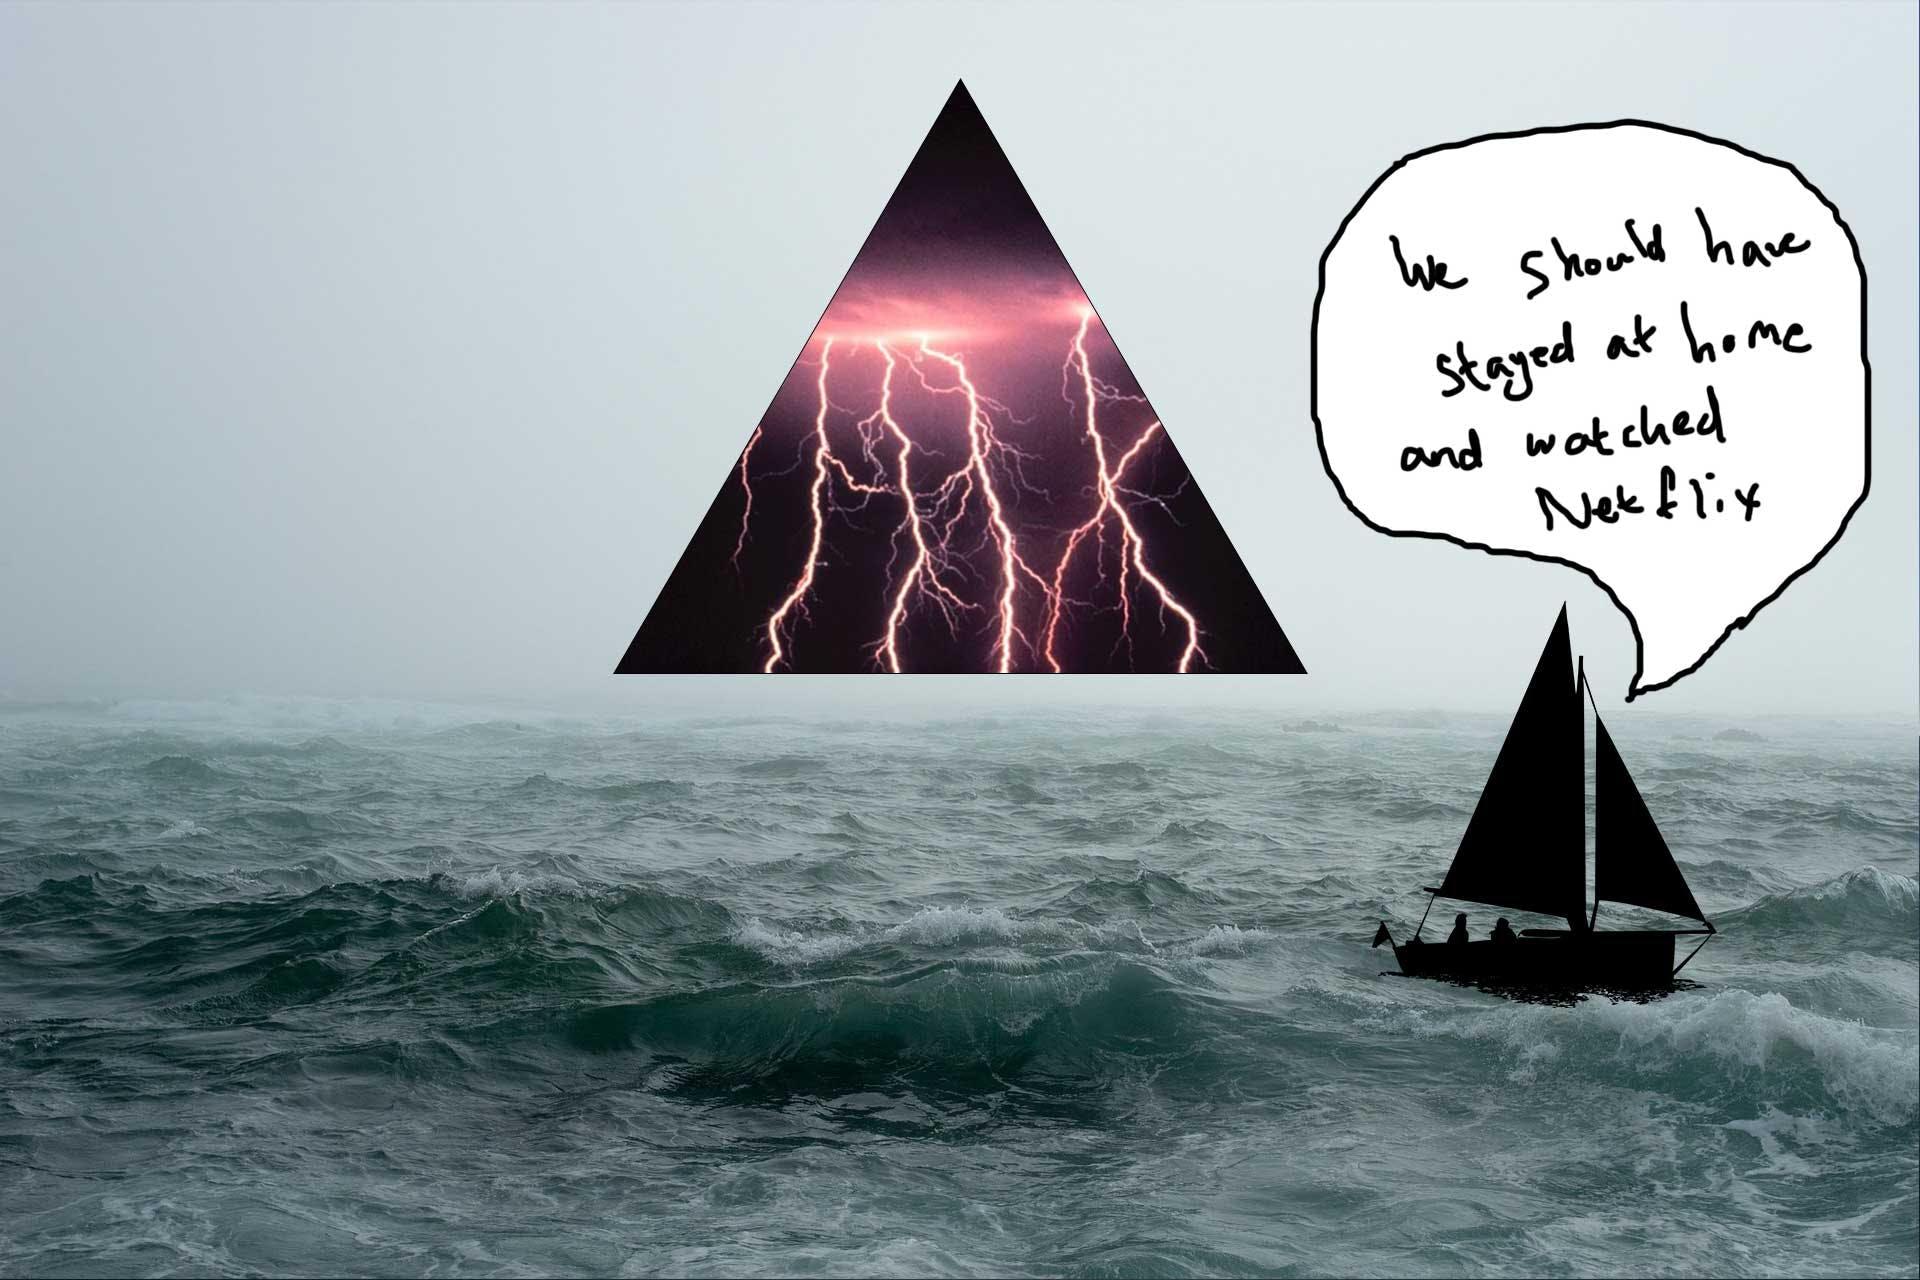 Bermuda triangle - awful storms